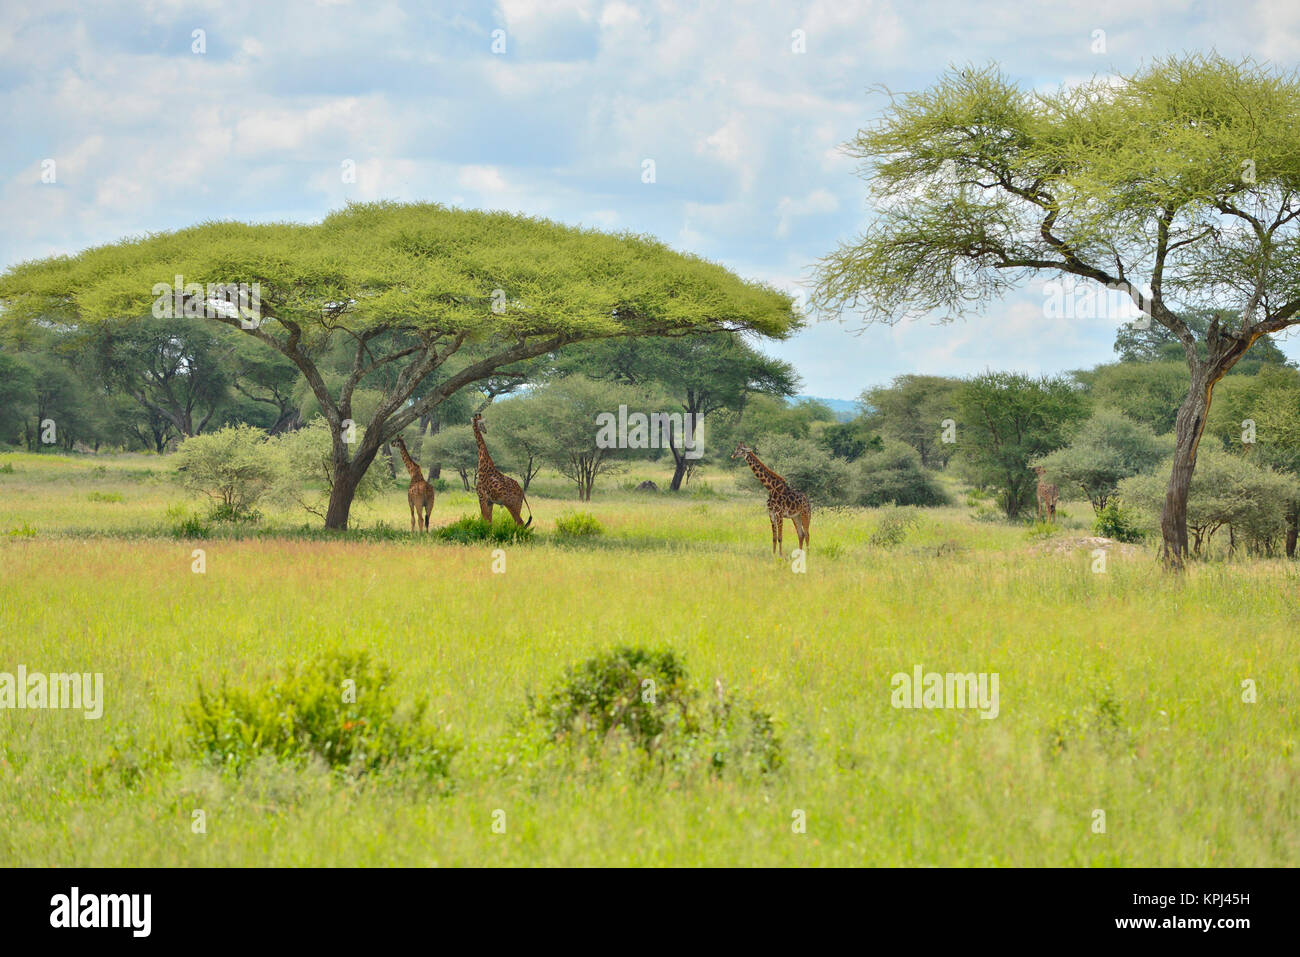 Giraffe under acacia tree in Tarangire National Park, Tanzania. - Stock Image